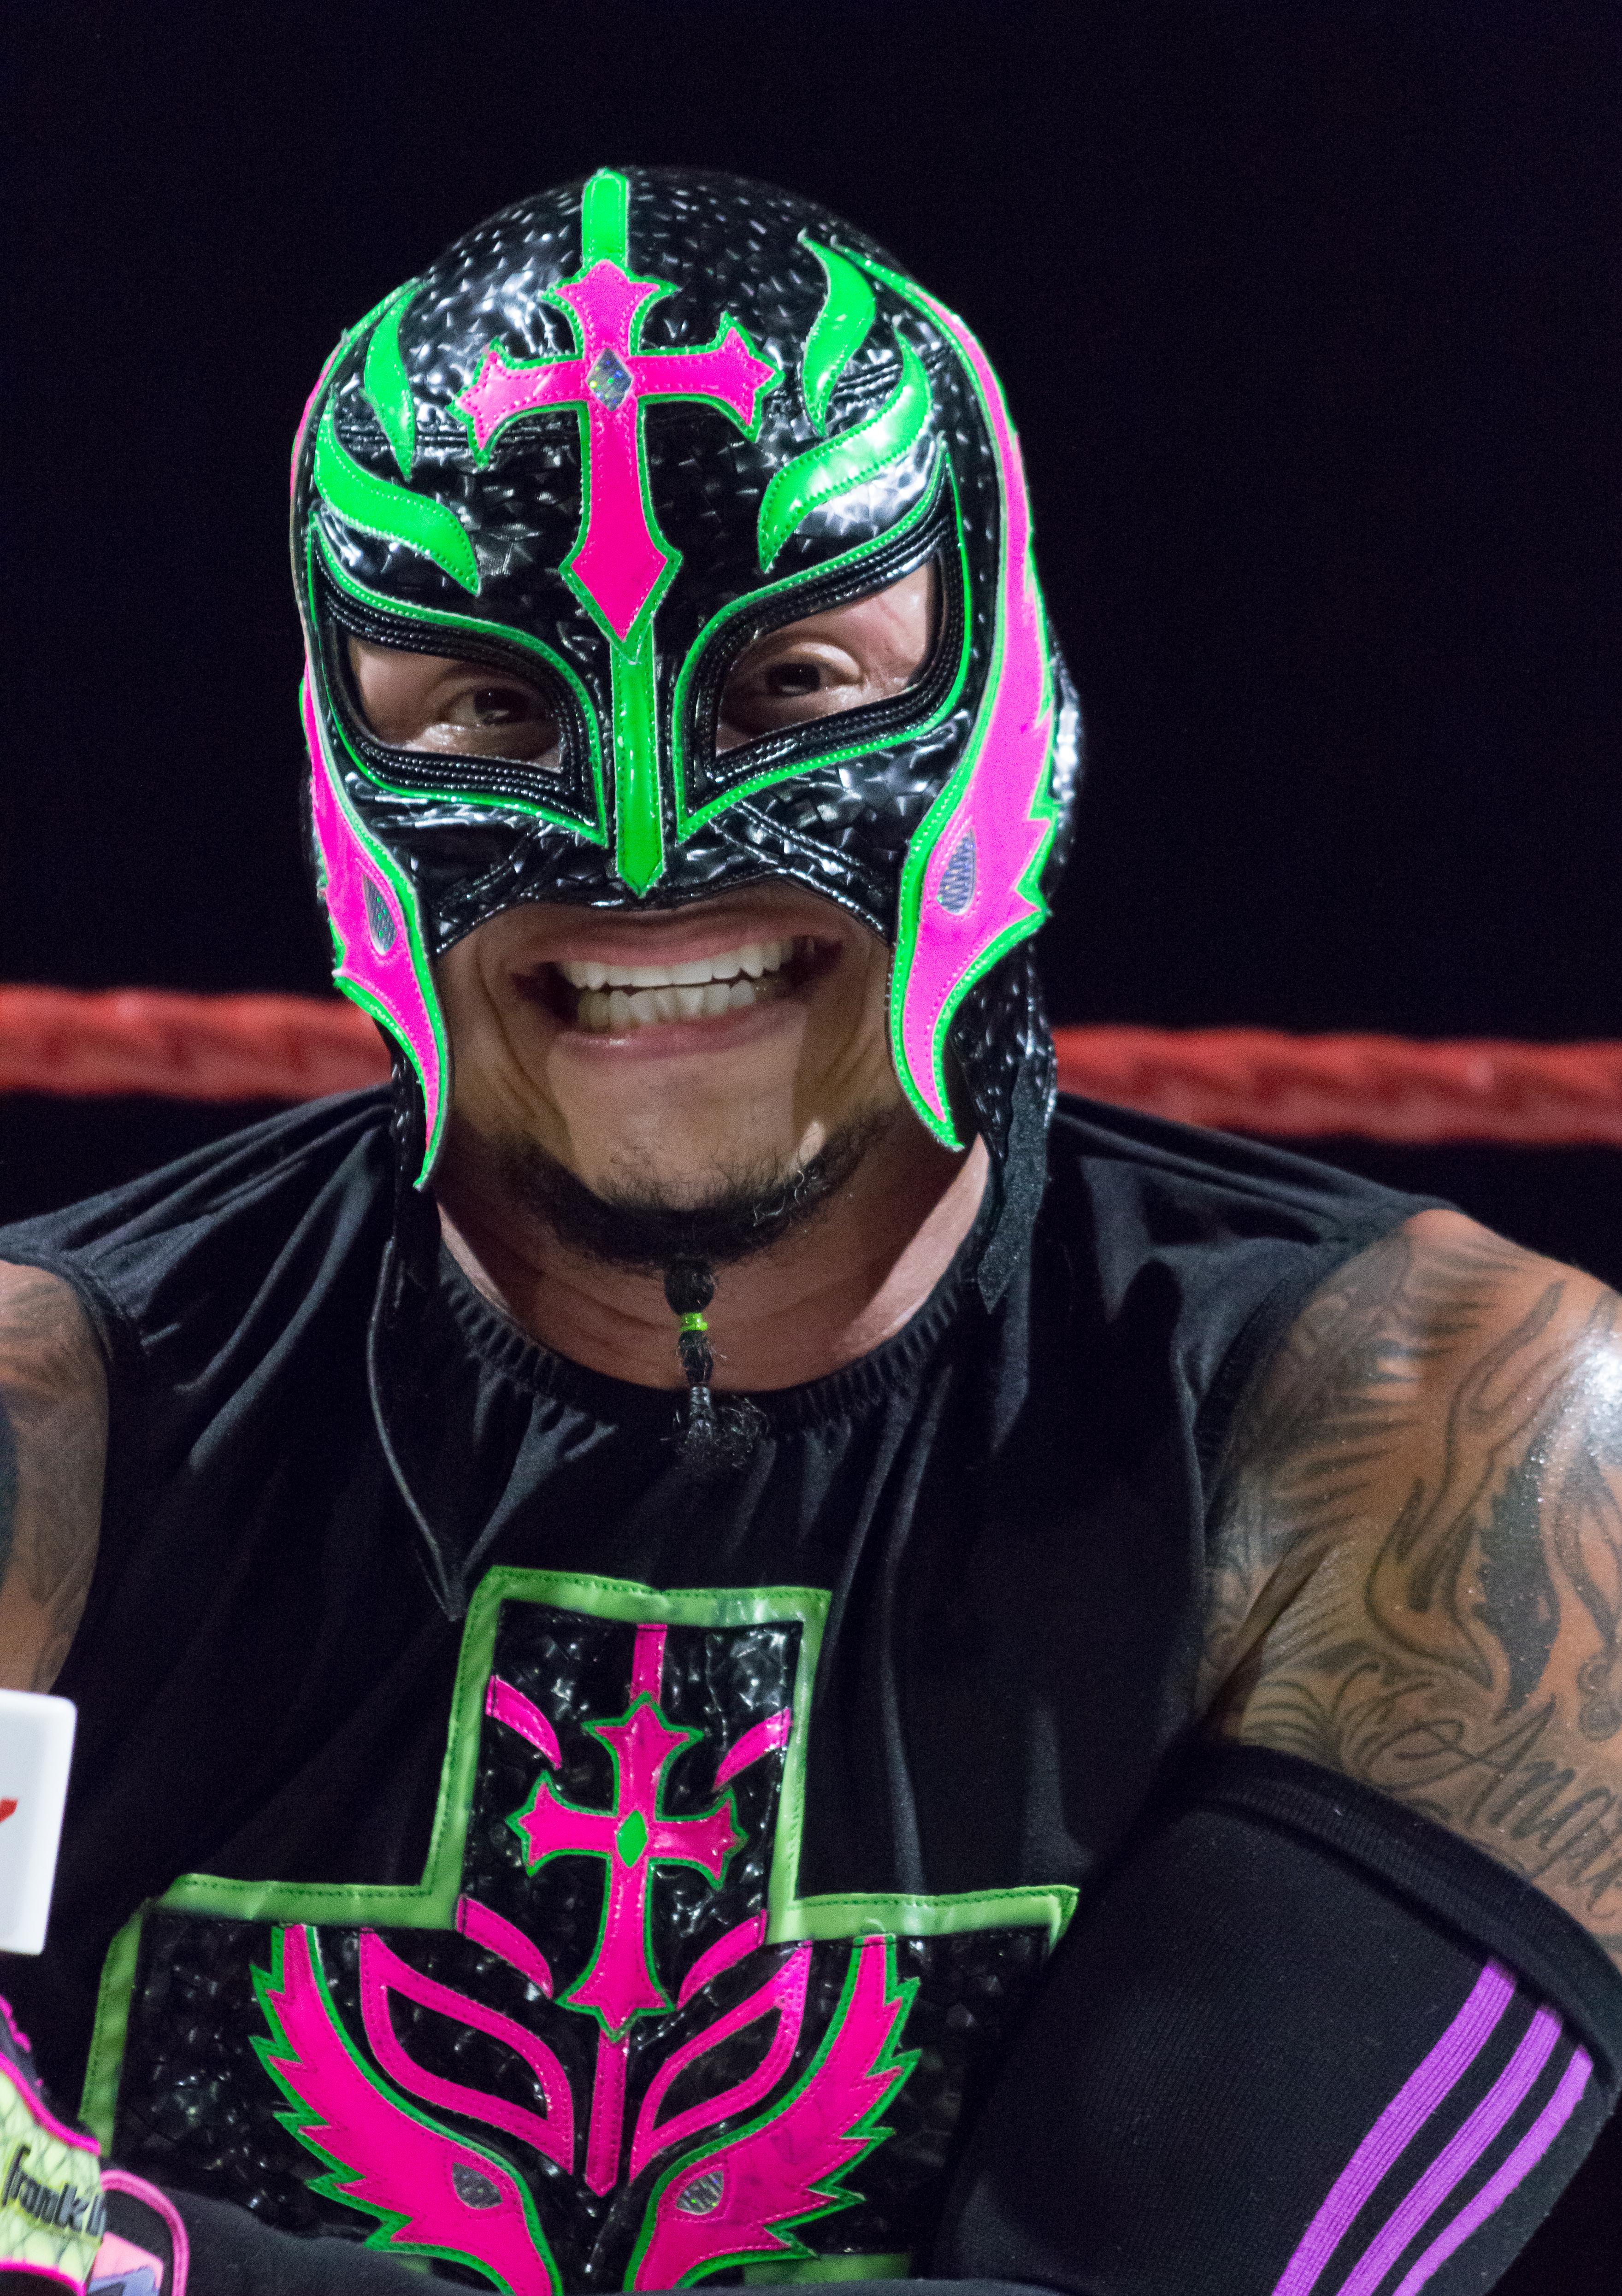 WWE ELITE Sheamus WRESTLING FIGURE SERIES 46 avec le titre Ceinture